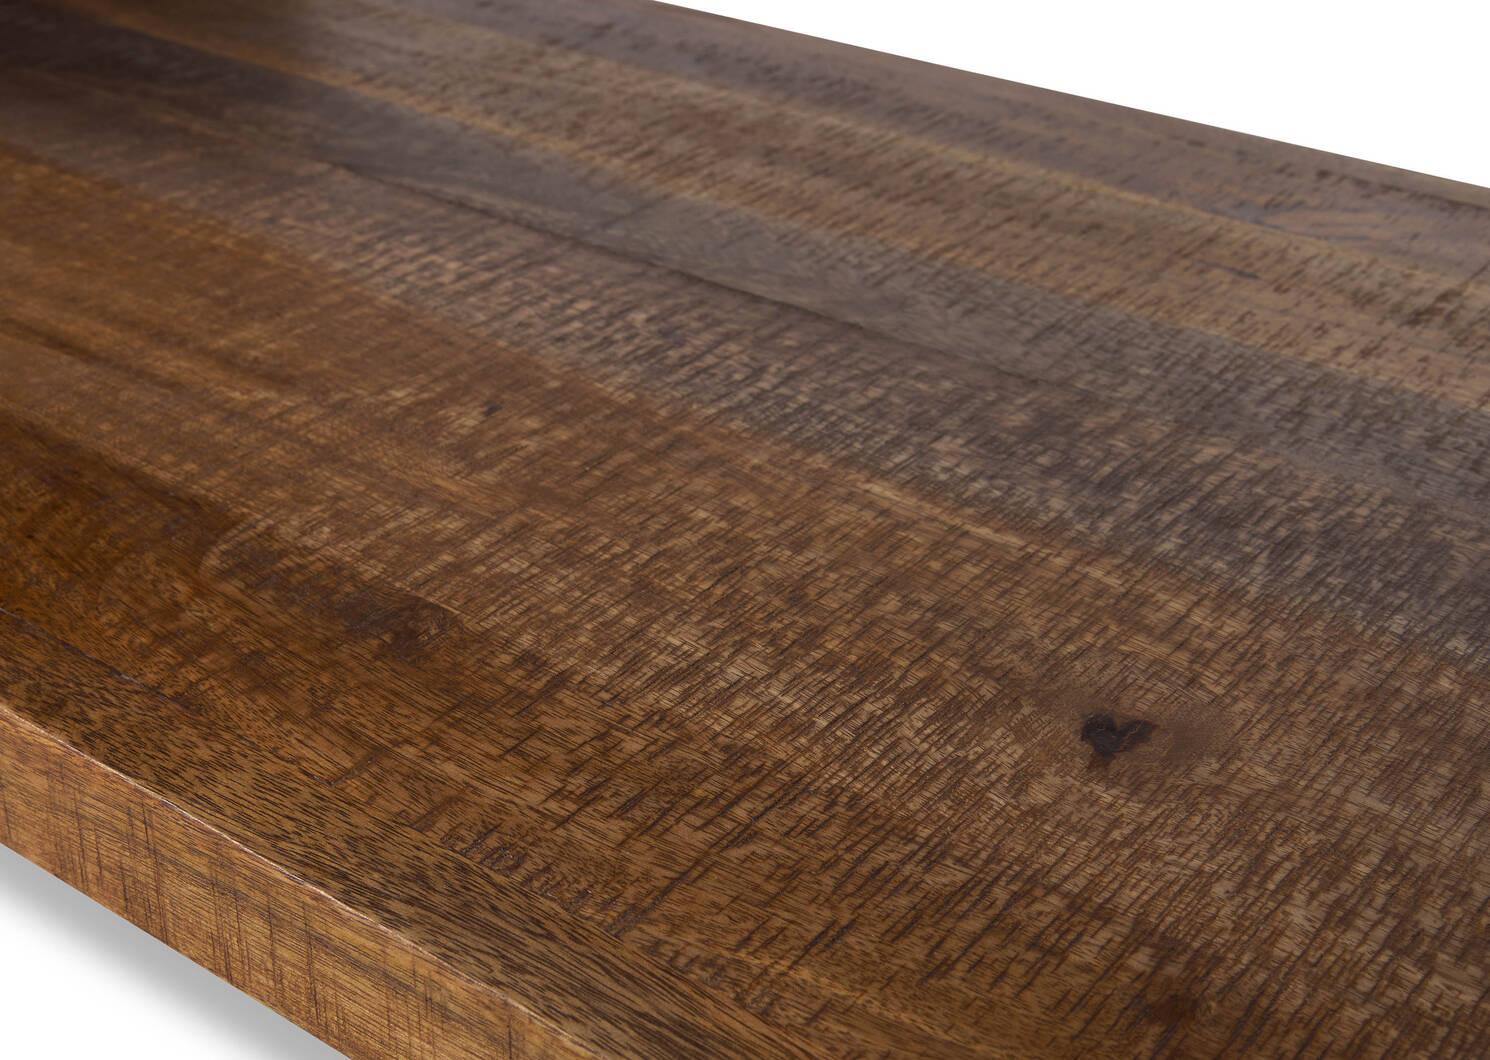 Soria Coffee Table -Crue Copper